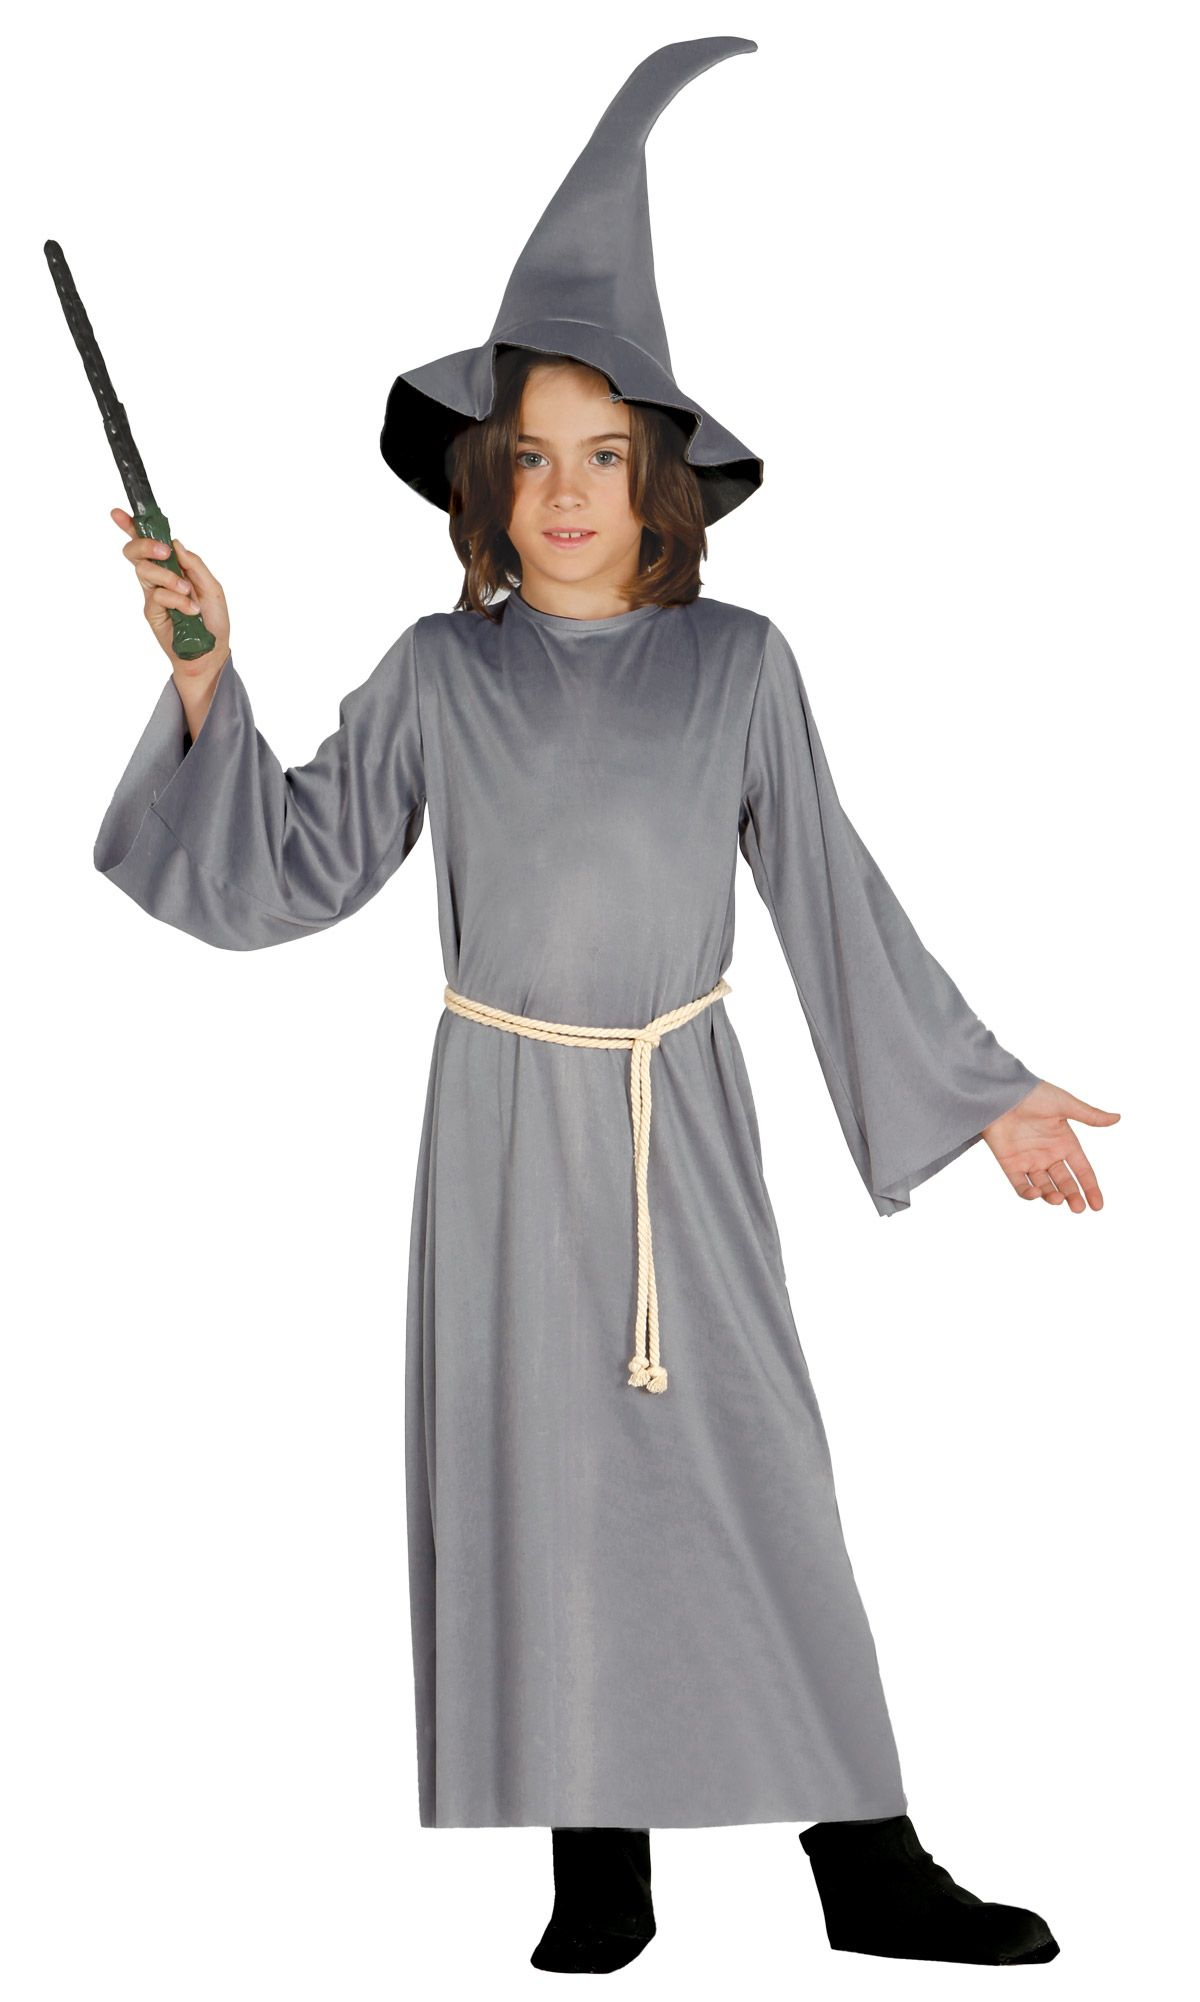 Costume mago stregone bambini  Questo costume da mago stregone per bambino è  composto da una 312c206087b3